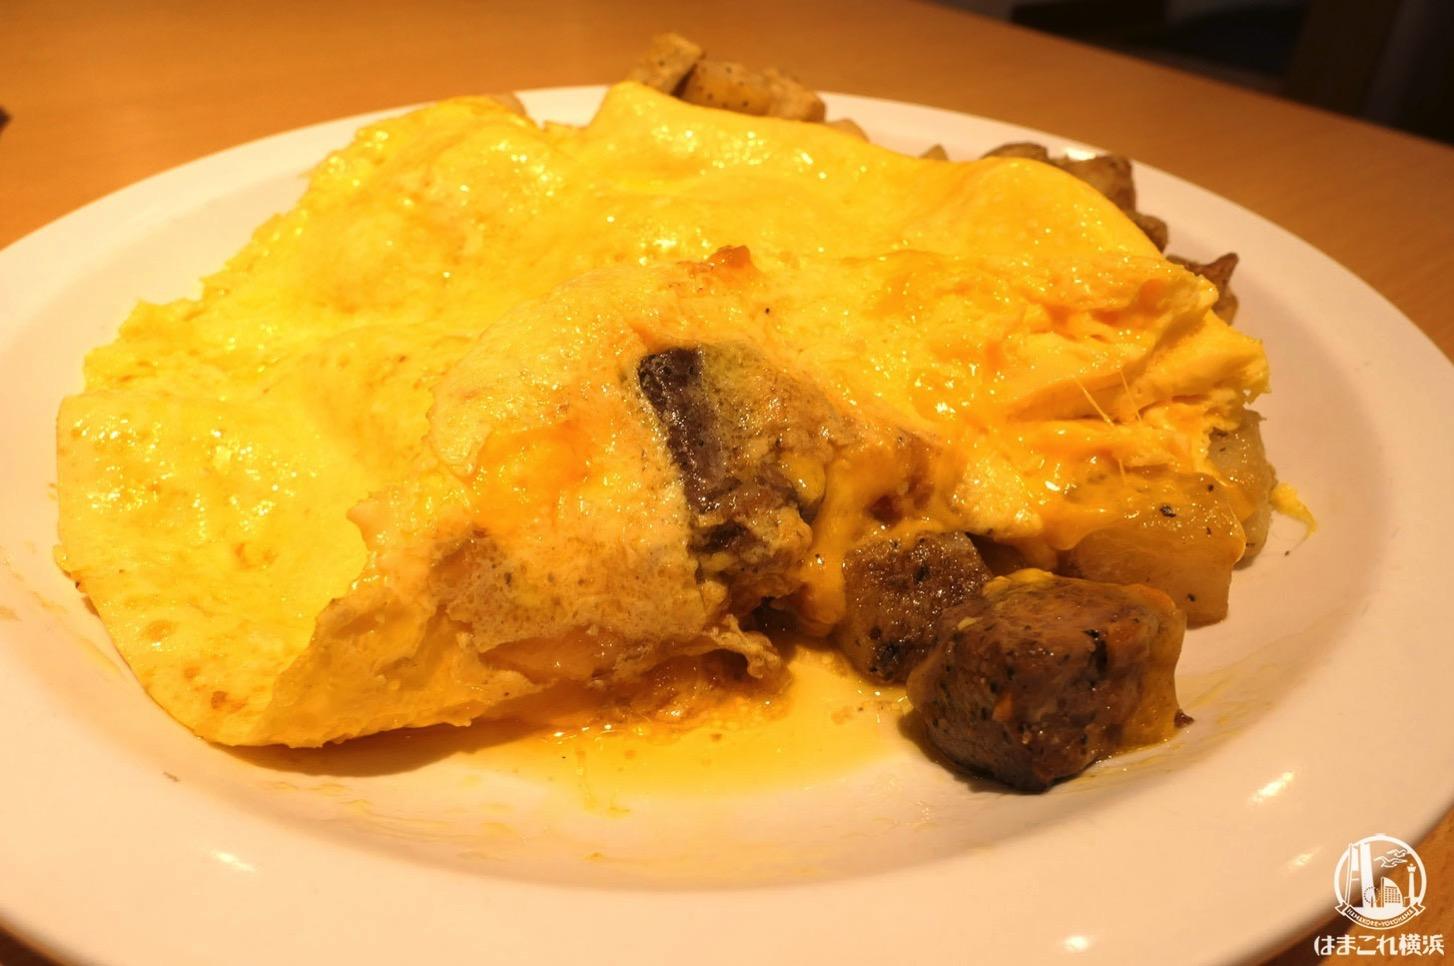 サイコロデミグラスステーキ オムレツ